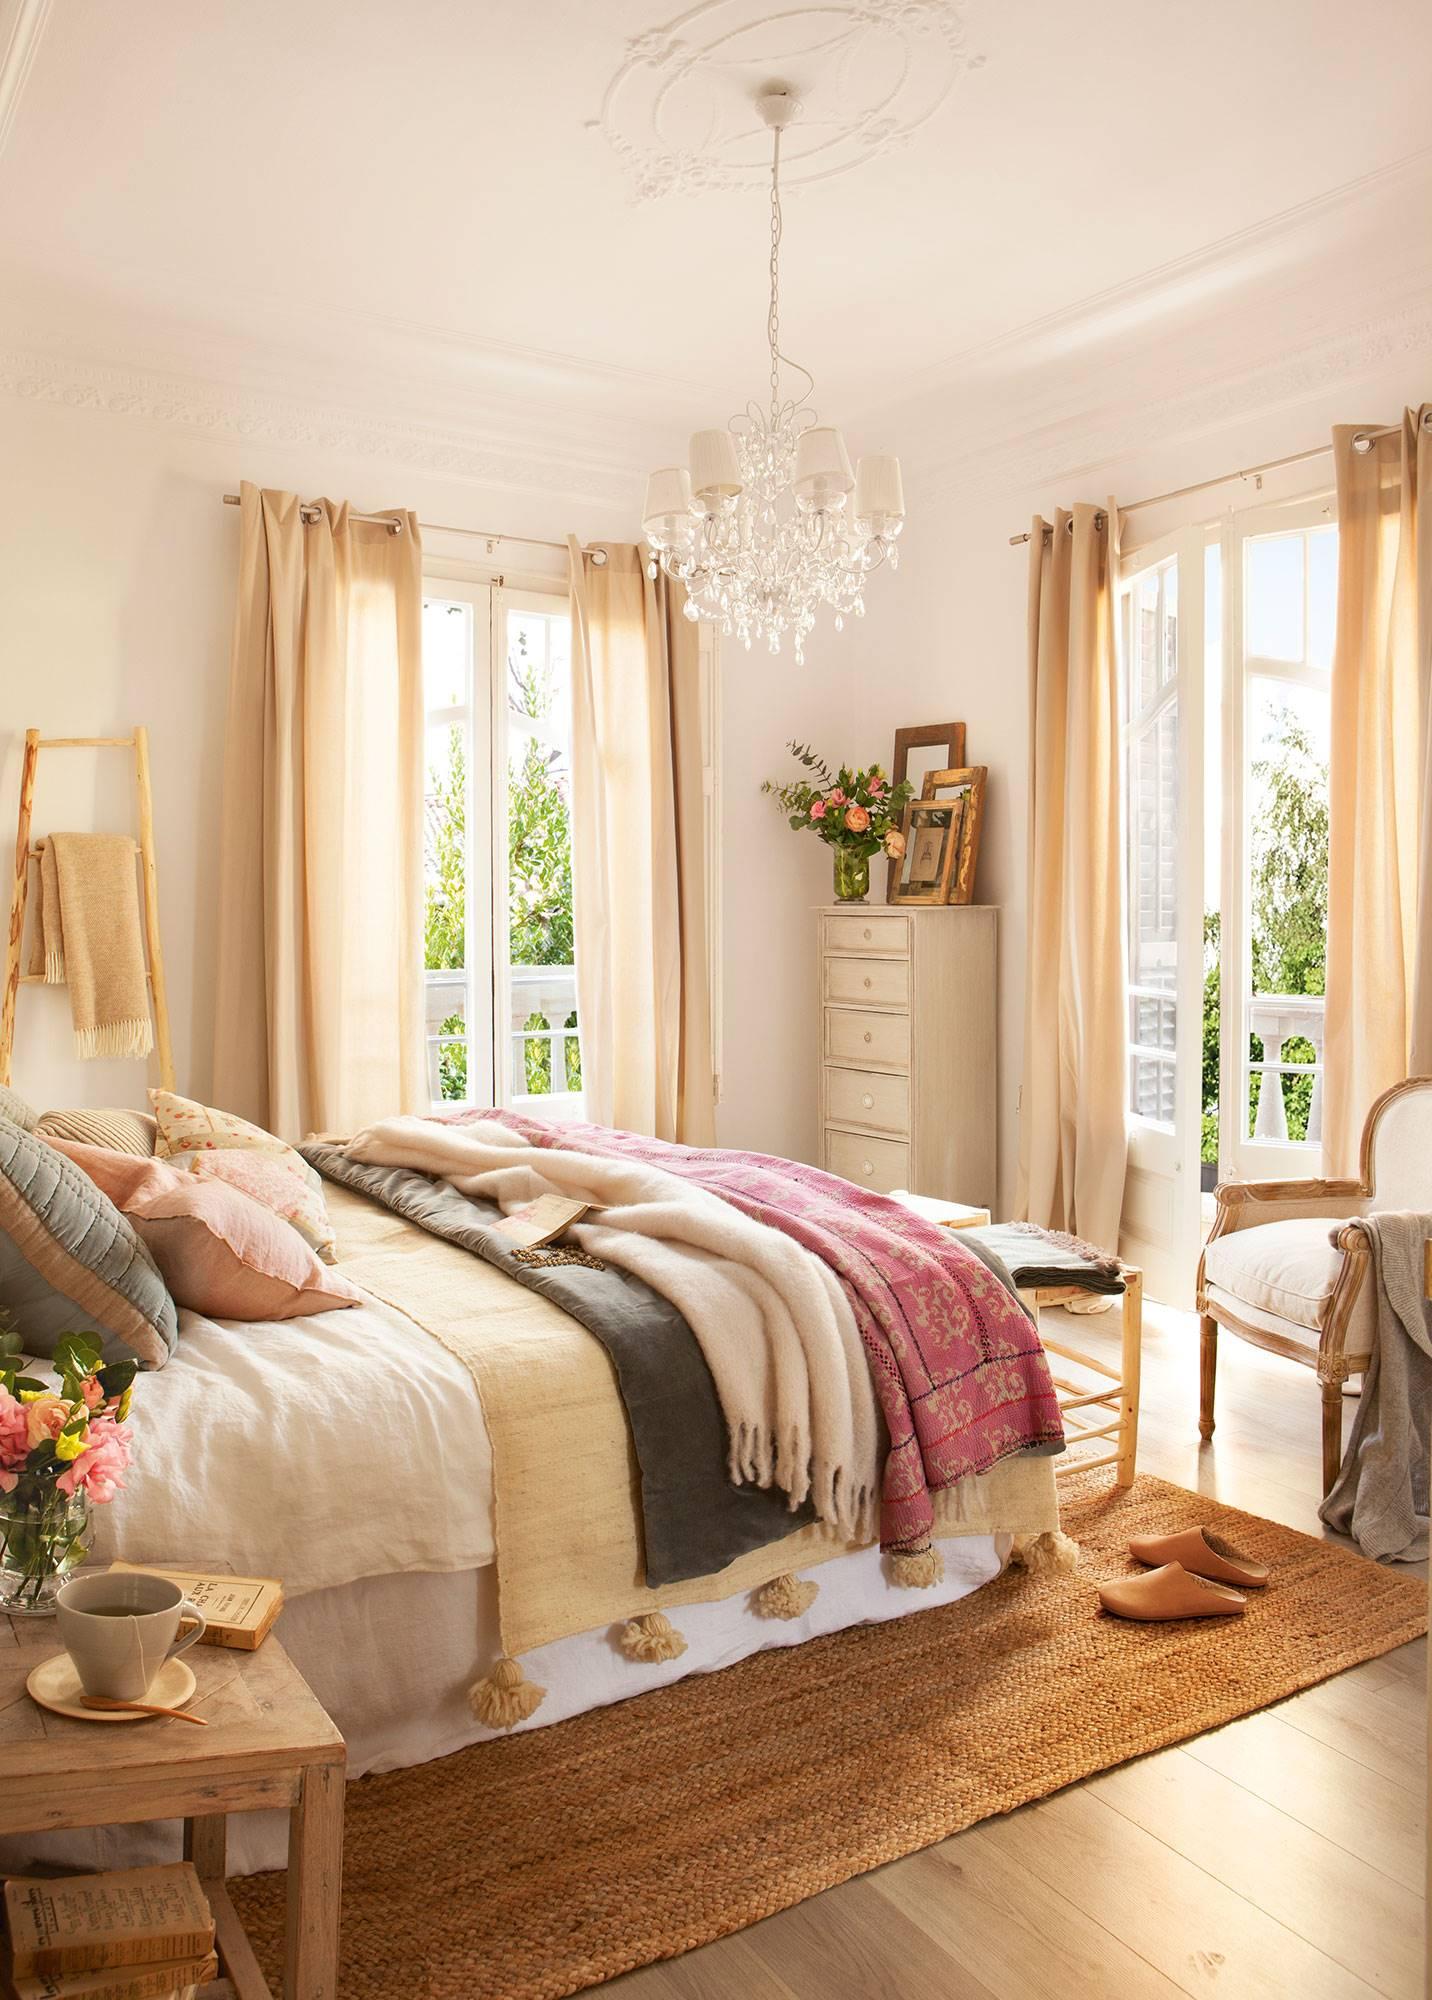 dormitorio-en-finca-regia-con-dos-grandes-ventanales ec8255cf. Aroma romántico